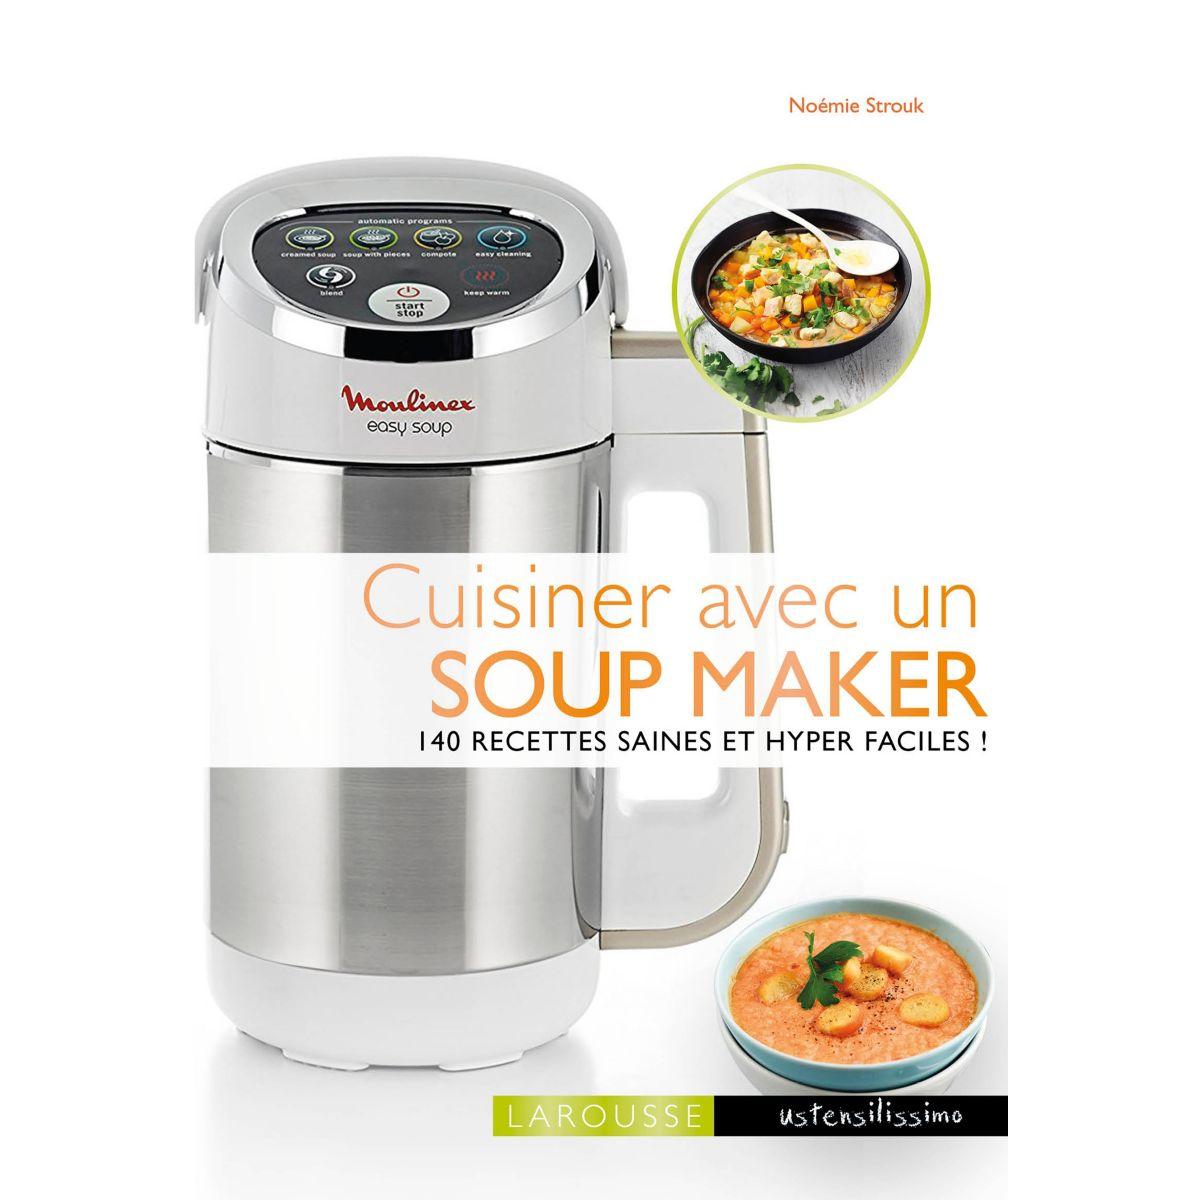 Livre LAROUSSE Cuisiner avec un soup mak (photo)